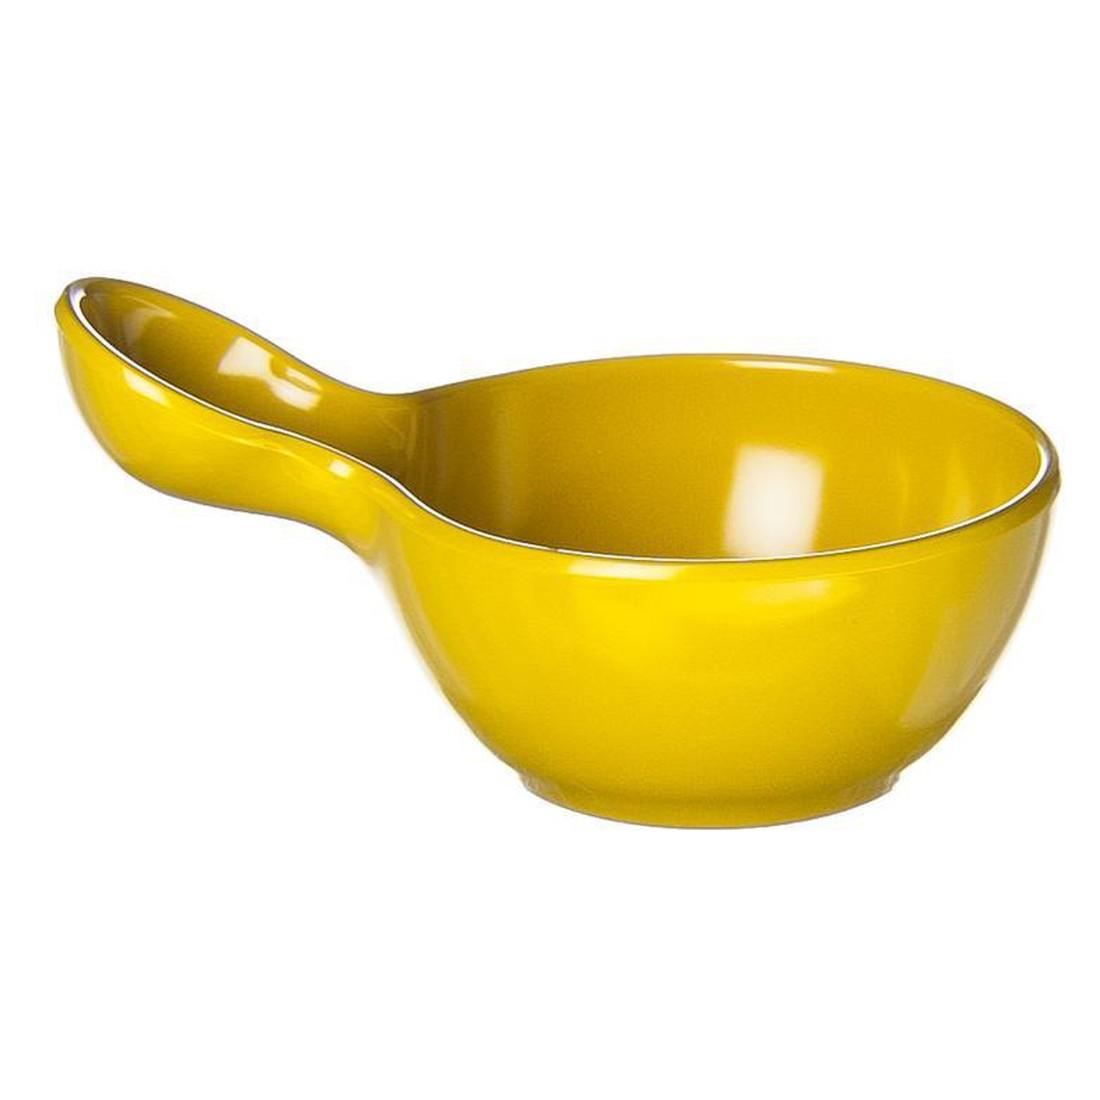 Saucenschüssel Mia – Melamin – Gelb – 7 x 13 x 9 cm, Ole Jensen günstig